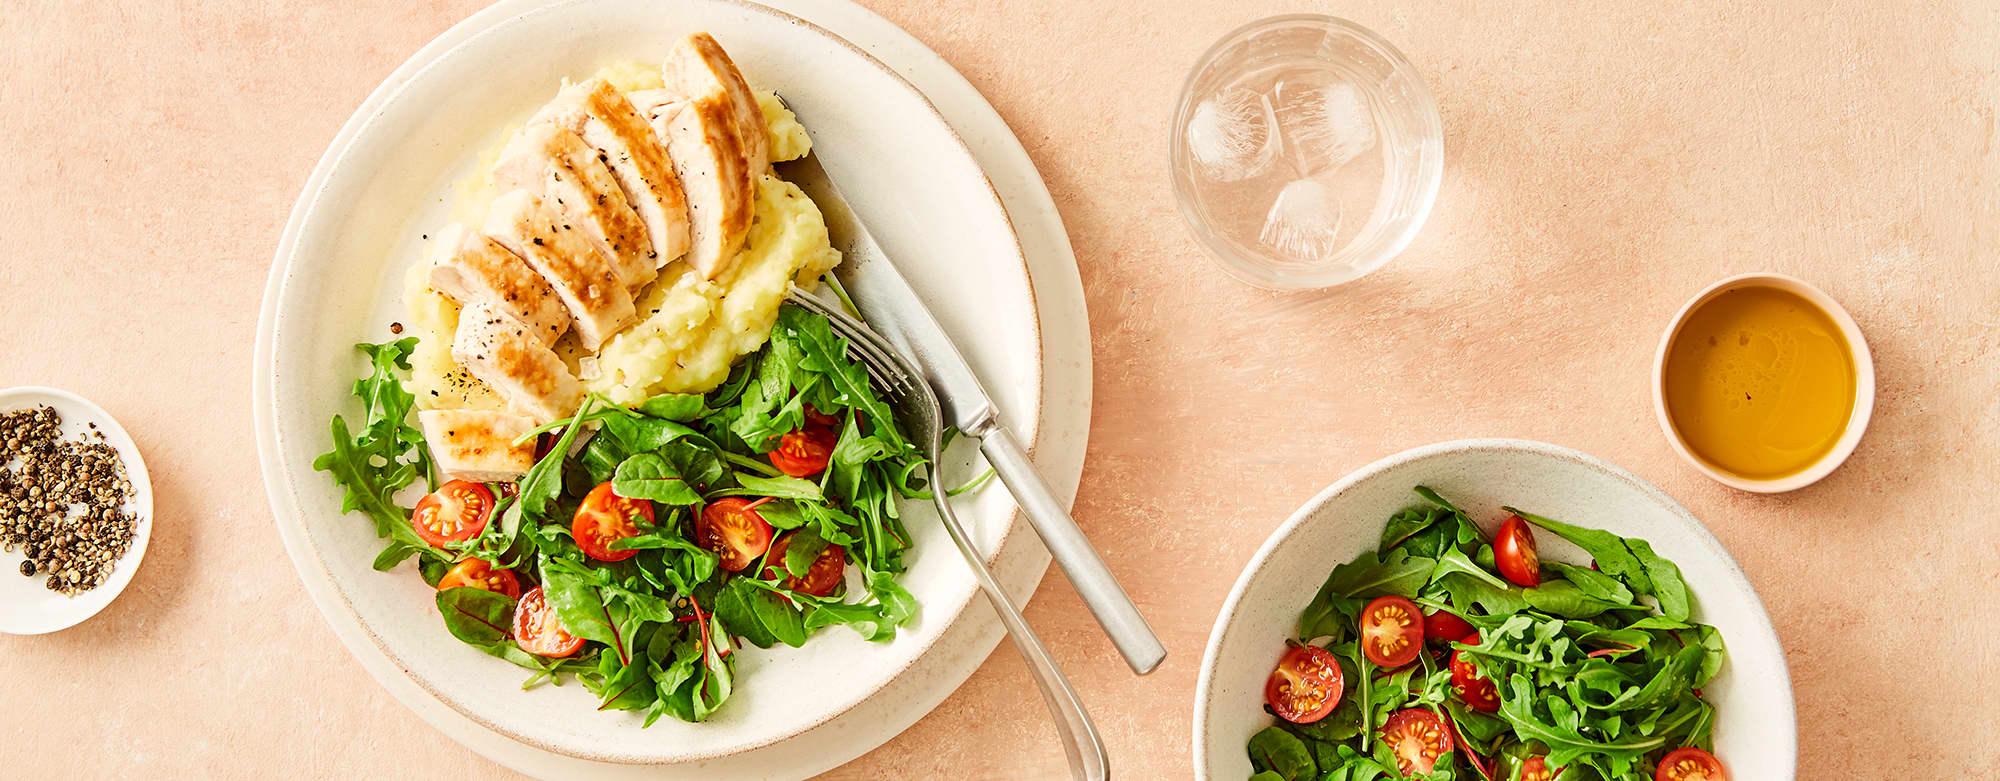 kylling med potetmos og salat